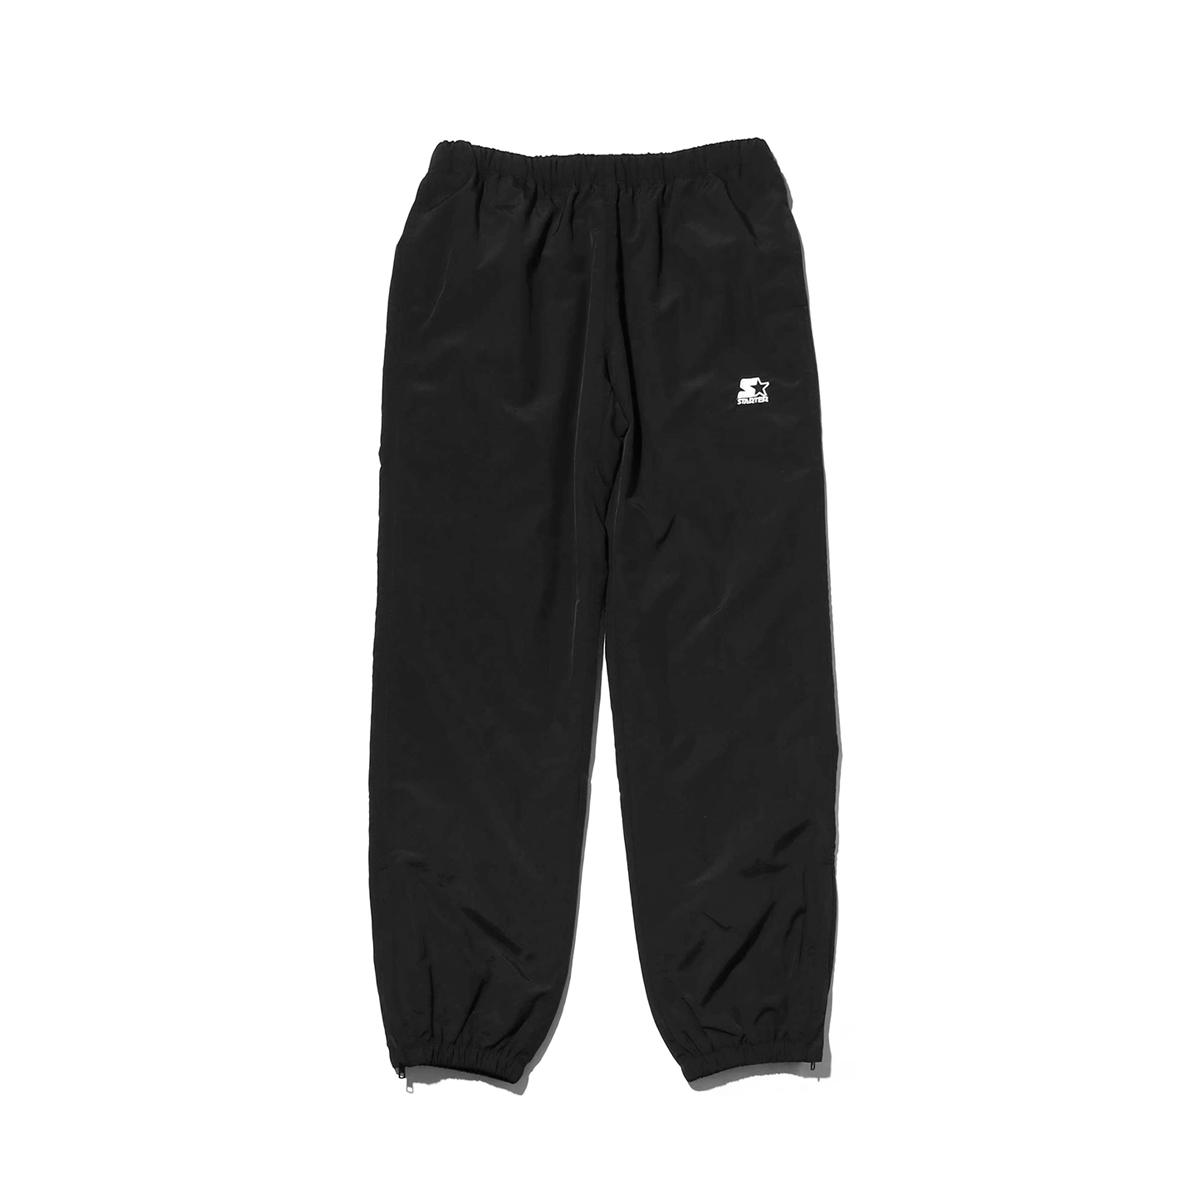 STARTER BLACK LABEL x ATMOS LAB WARM UP PANTS(スターター ブラックレーベル アトモスラボ ウォームアップ パンツ)black【メンズ パンツ】18FW-S